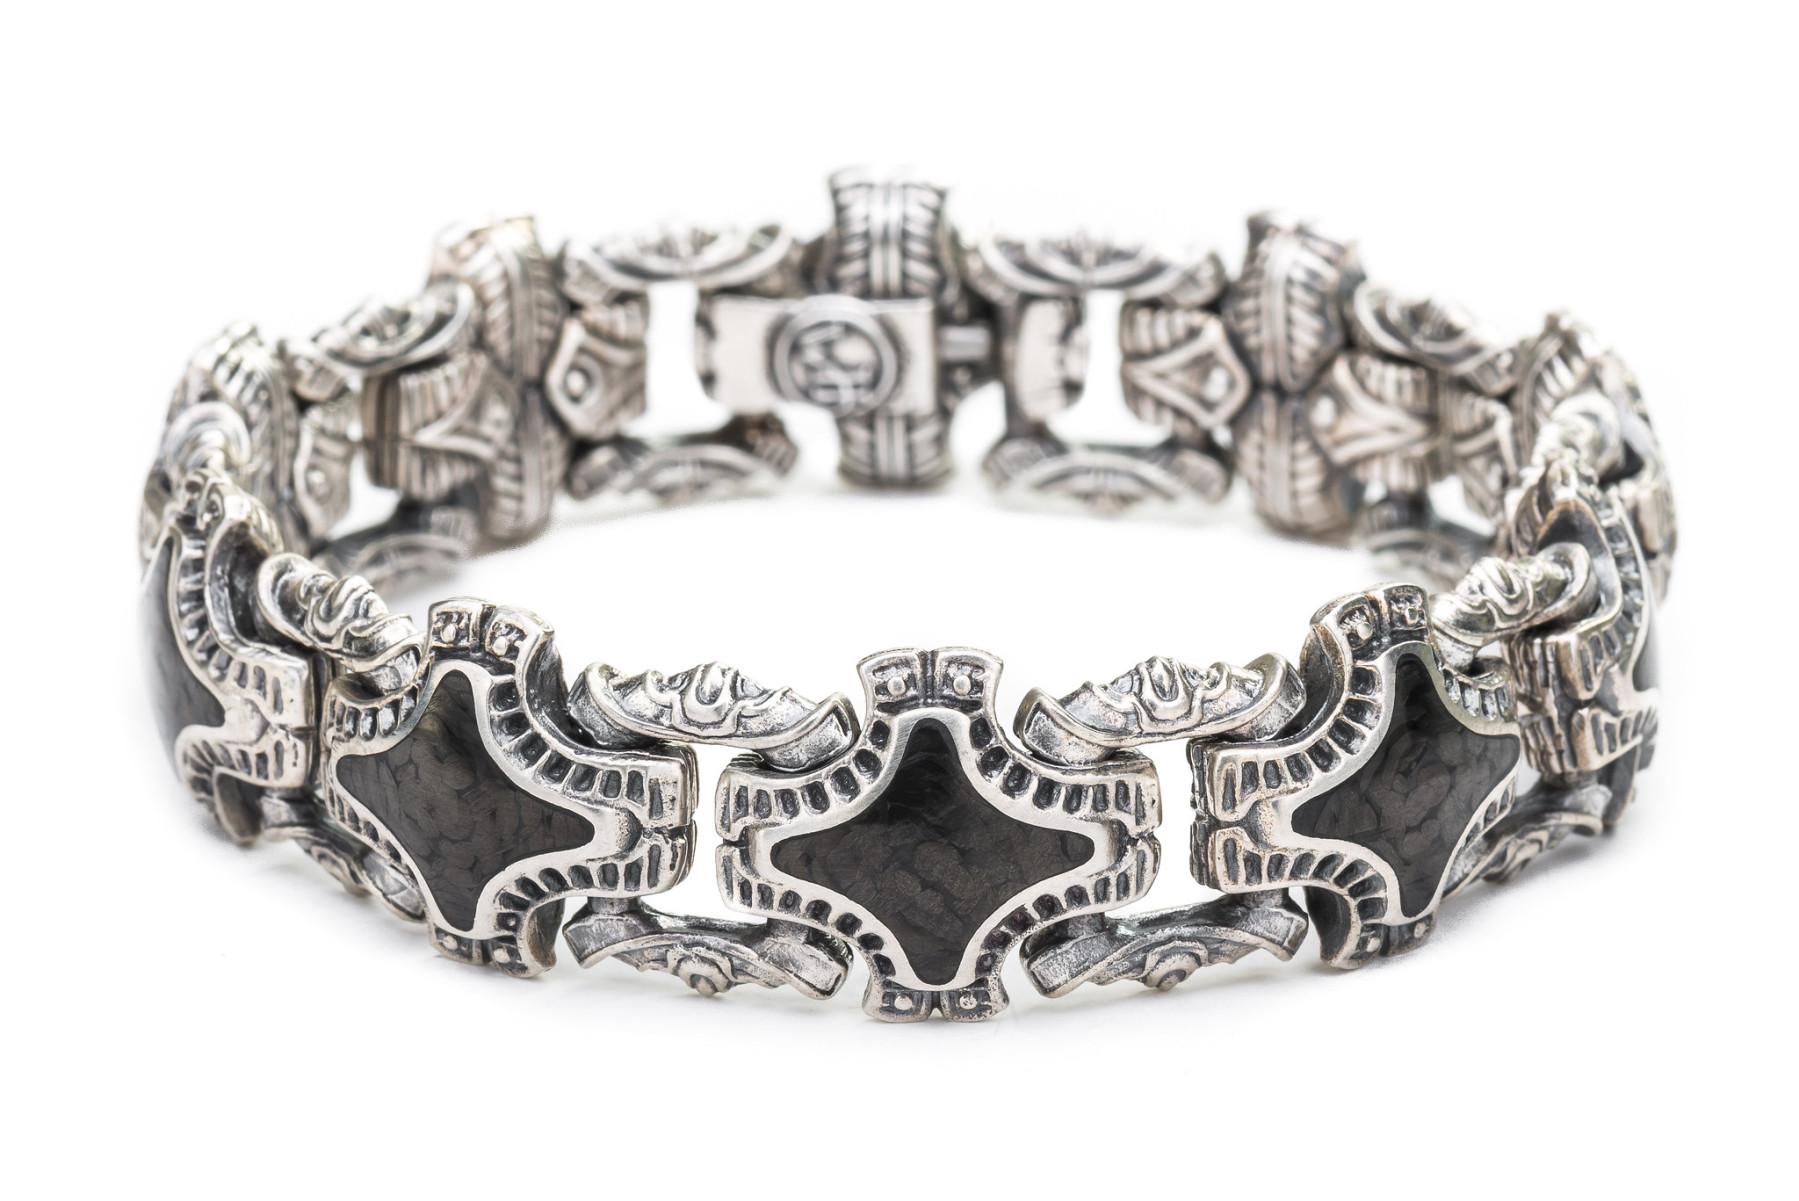 William Henry Carbon Fiber Silver Link Bracelet